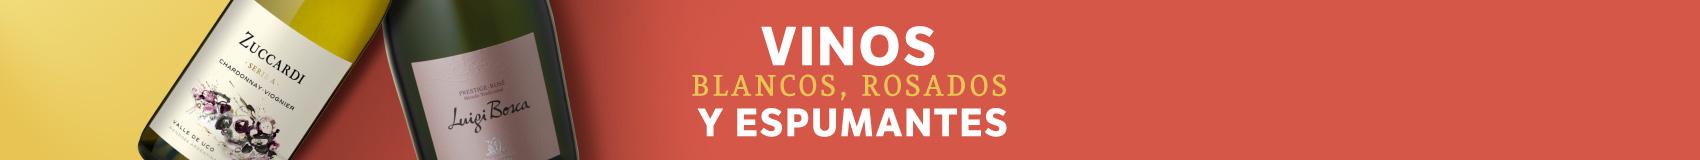 Banner Vinos Espumantes